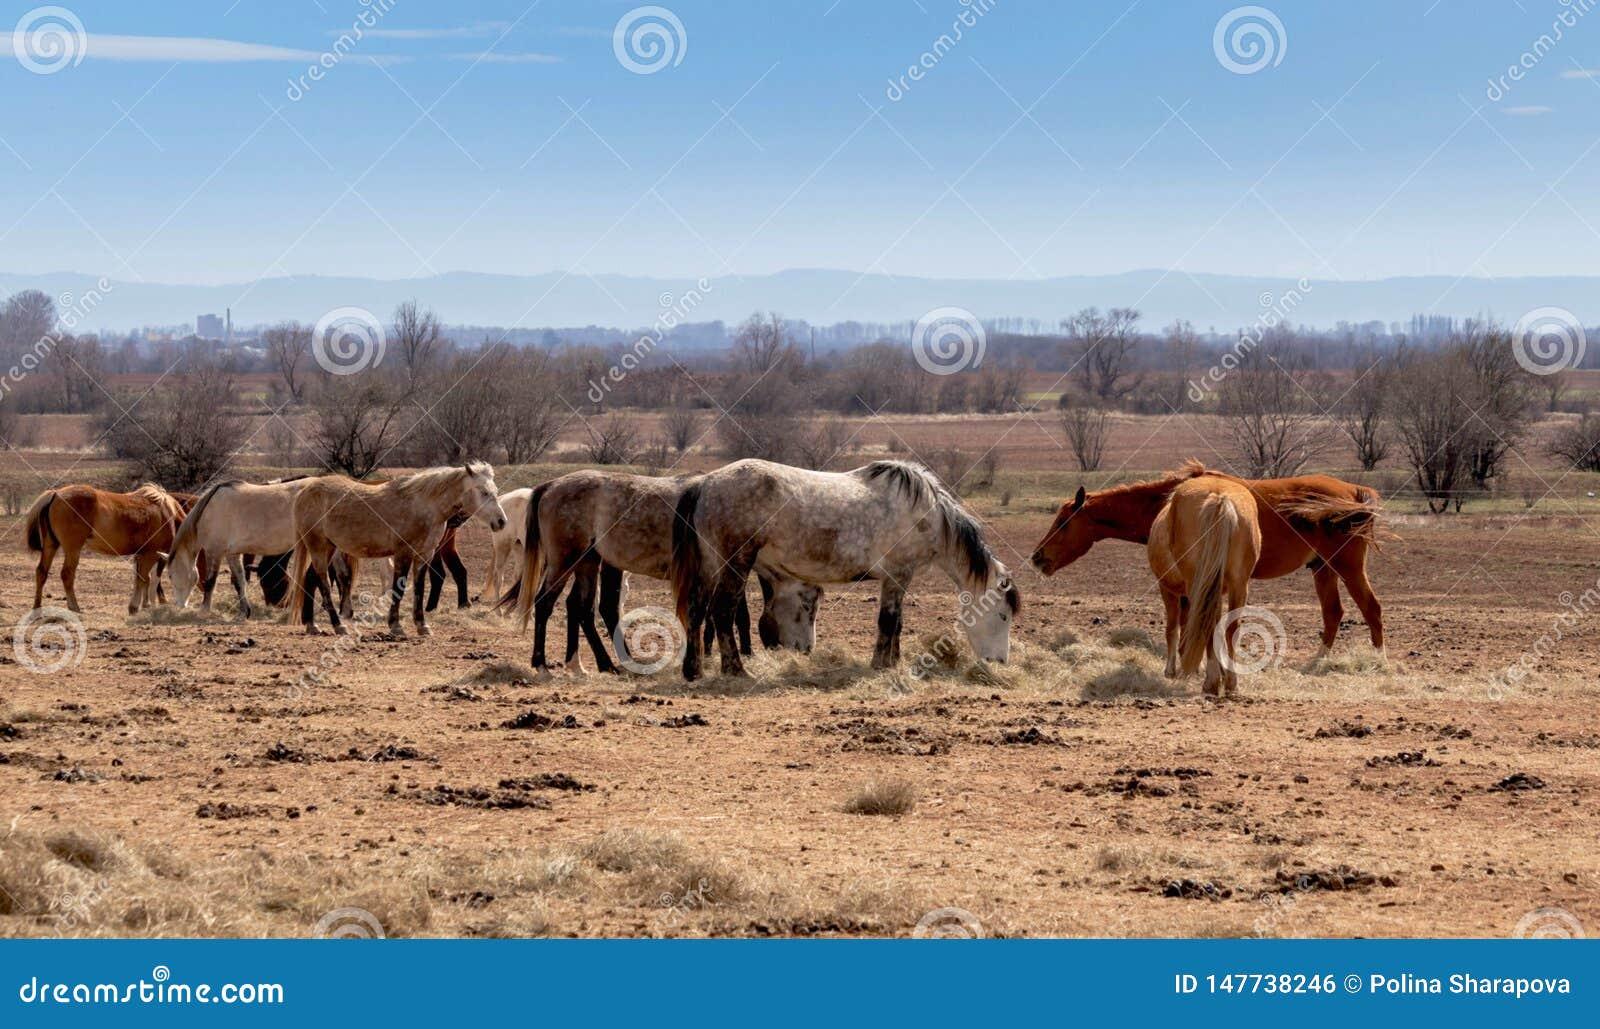 Mooi landschap, de kudde van paarden die in fild weiden, in het landbouwbedrijf, platteland